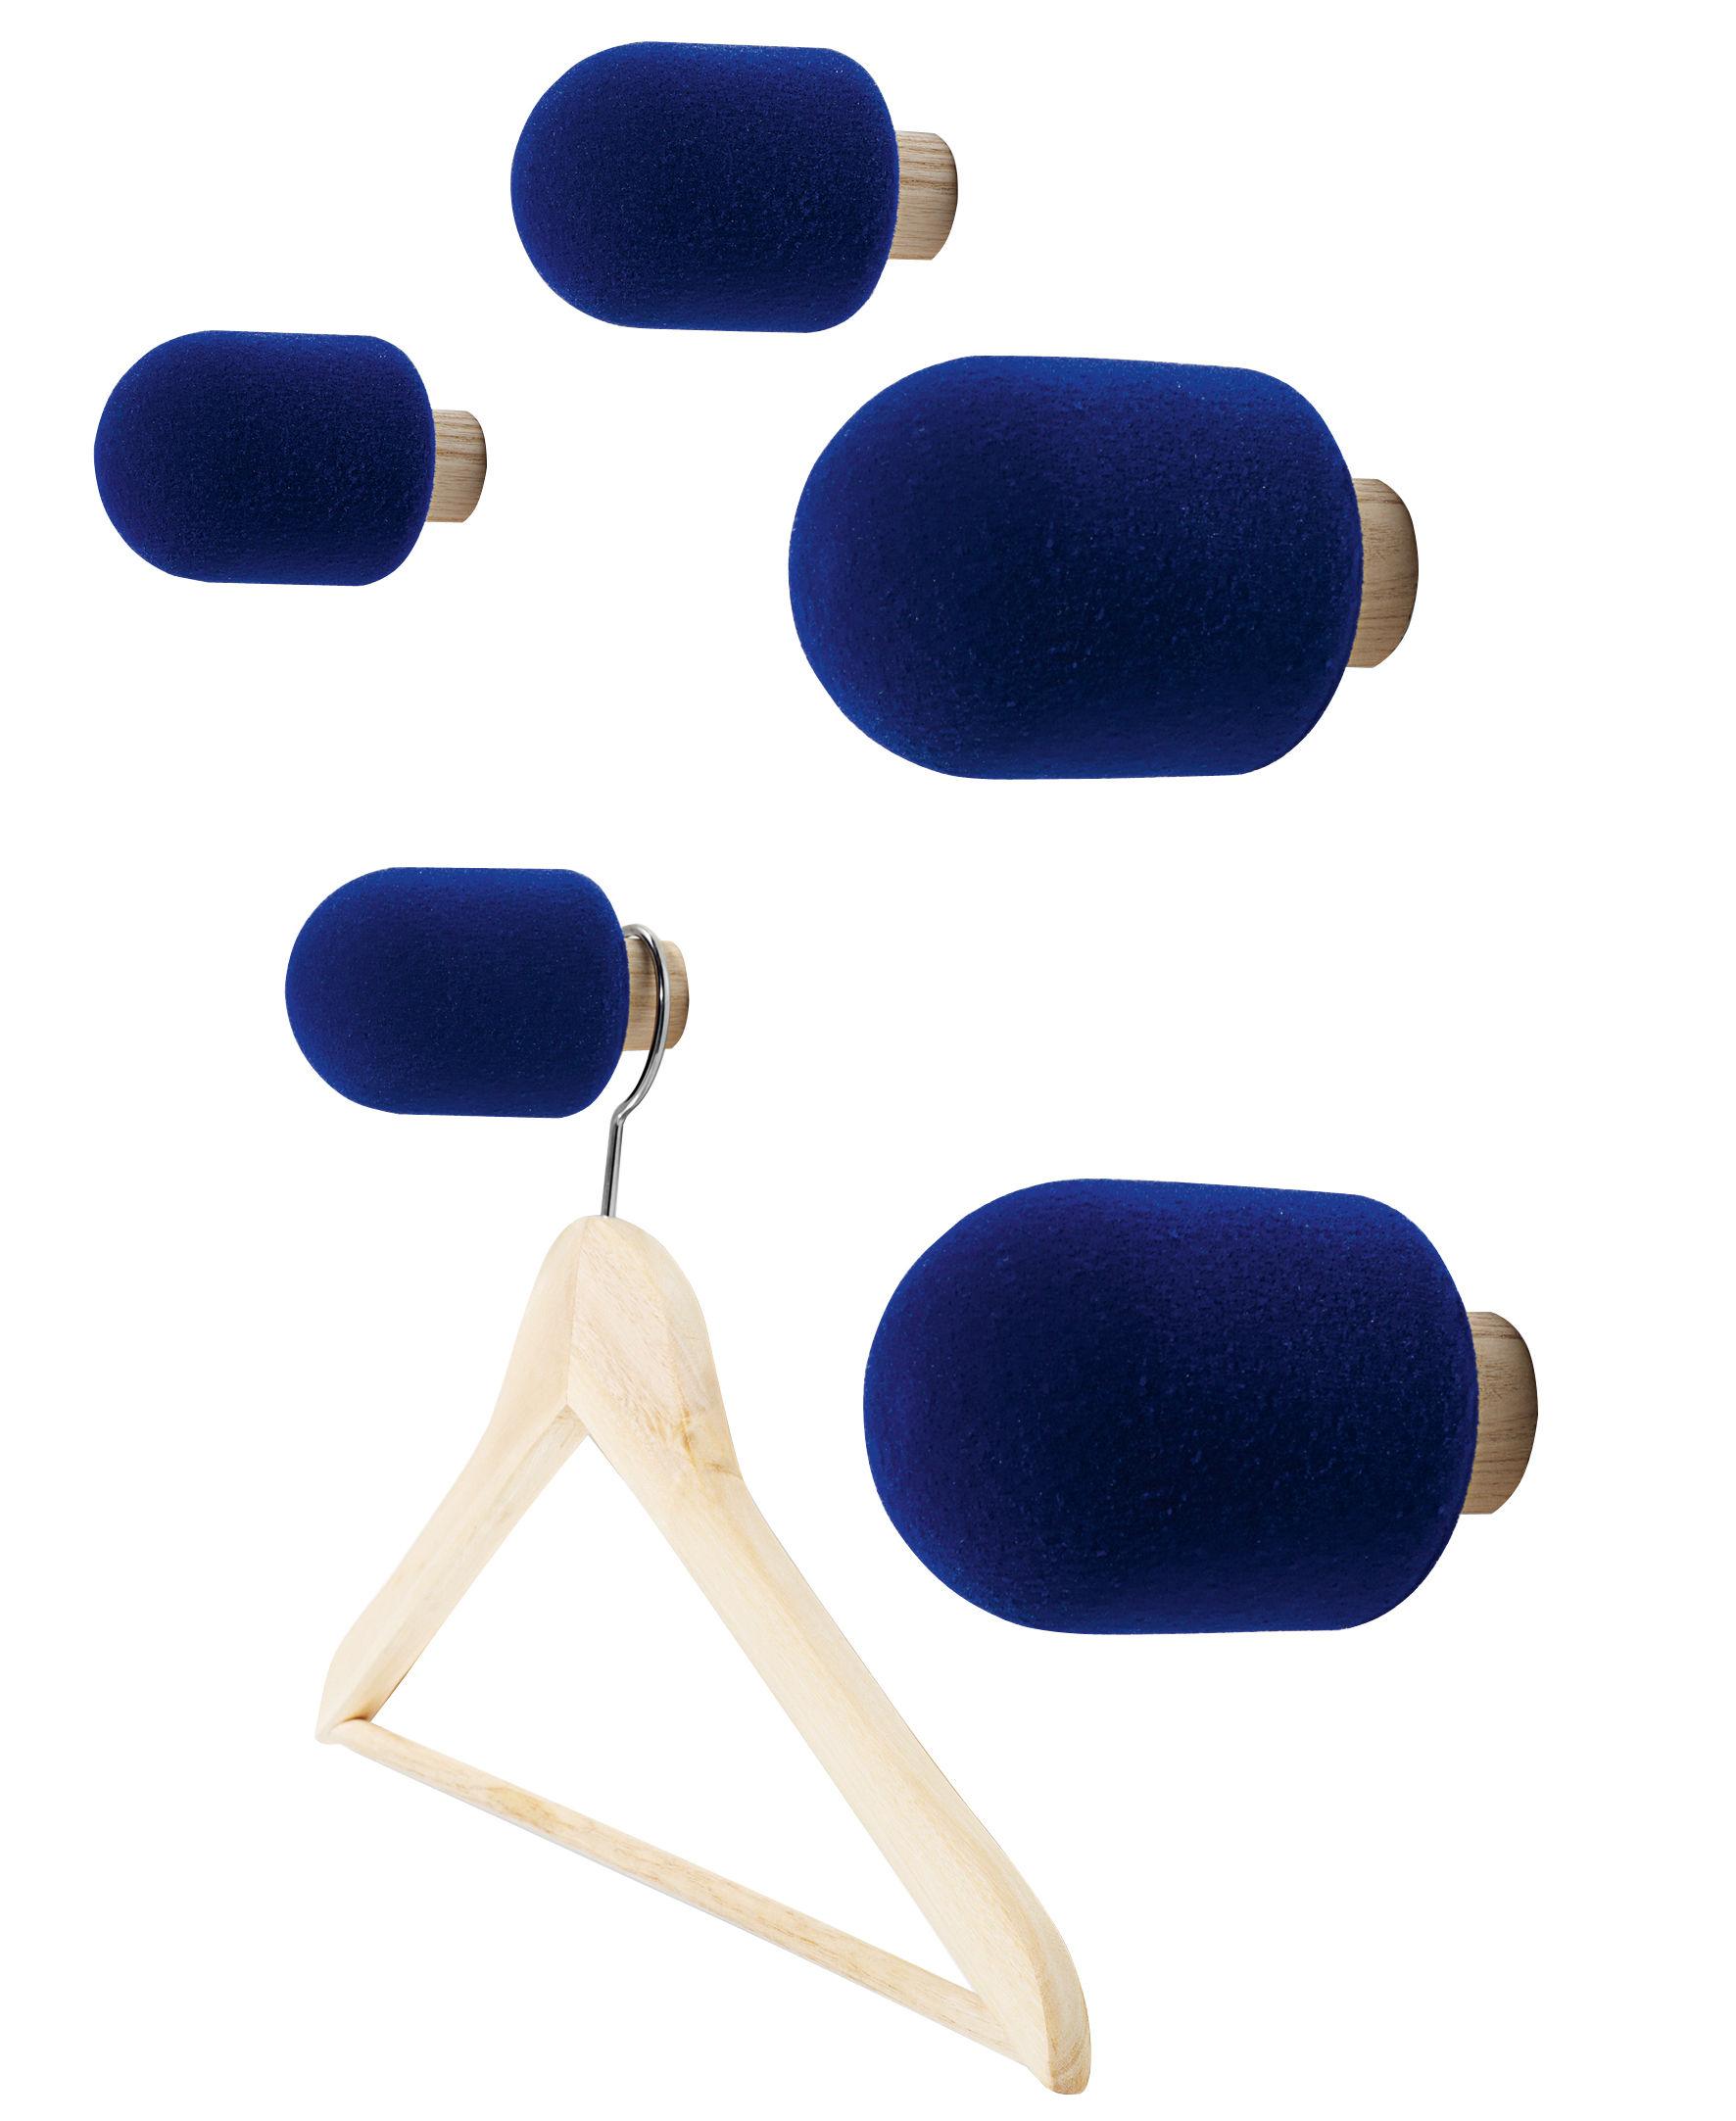 Mobilier - Portemanteaux, patères & portants - Patère Micro / Set de 5 - Moustache - Bleu - Frêne, Mousse floquée